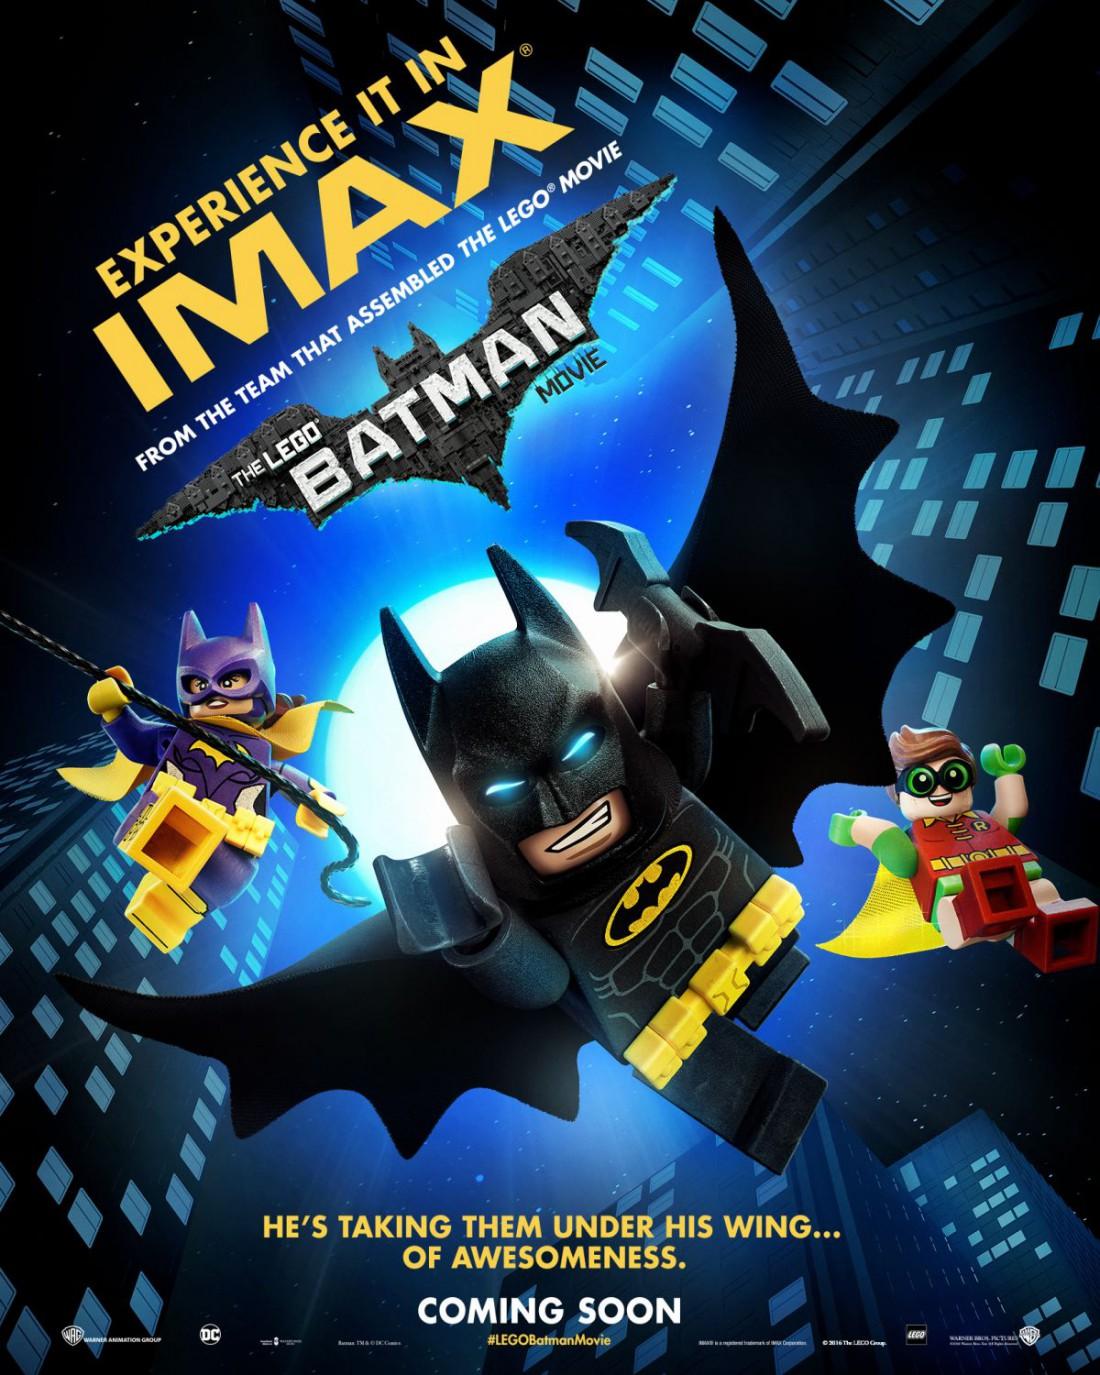 Лего-фильм по Бэтмену выйдет в феврале